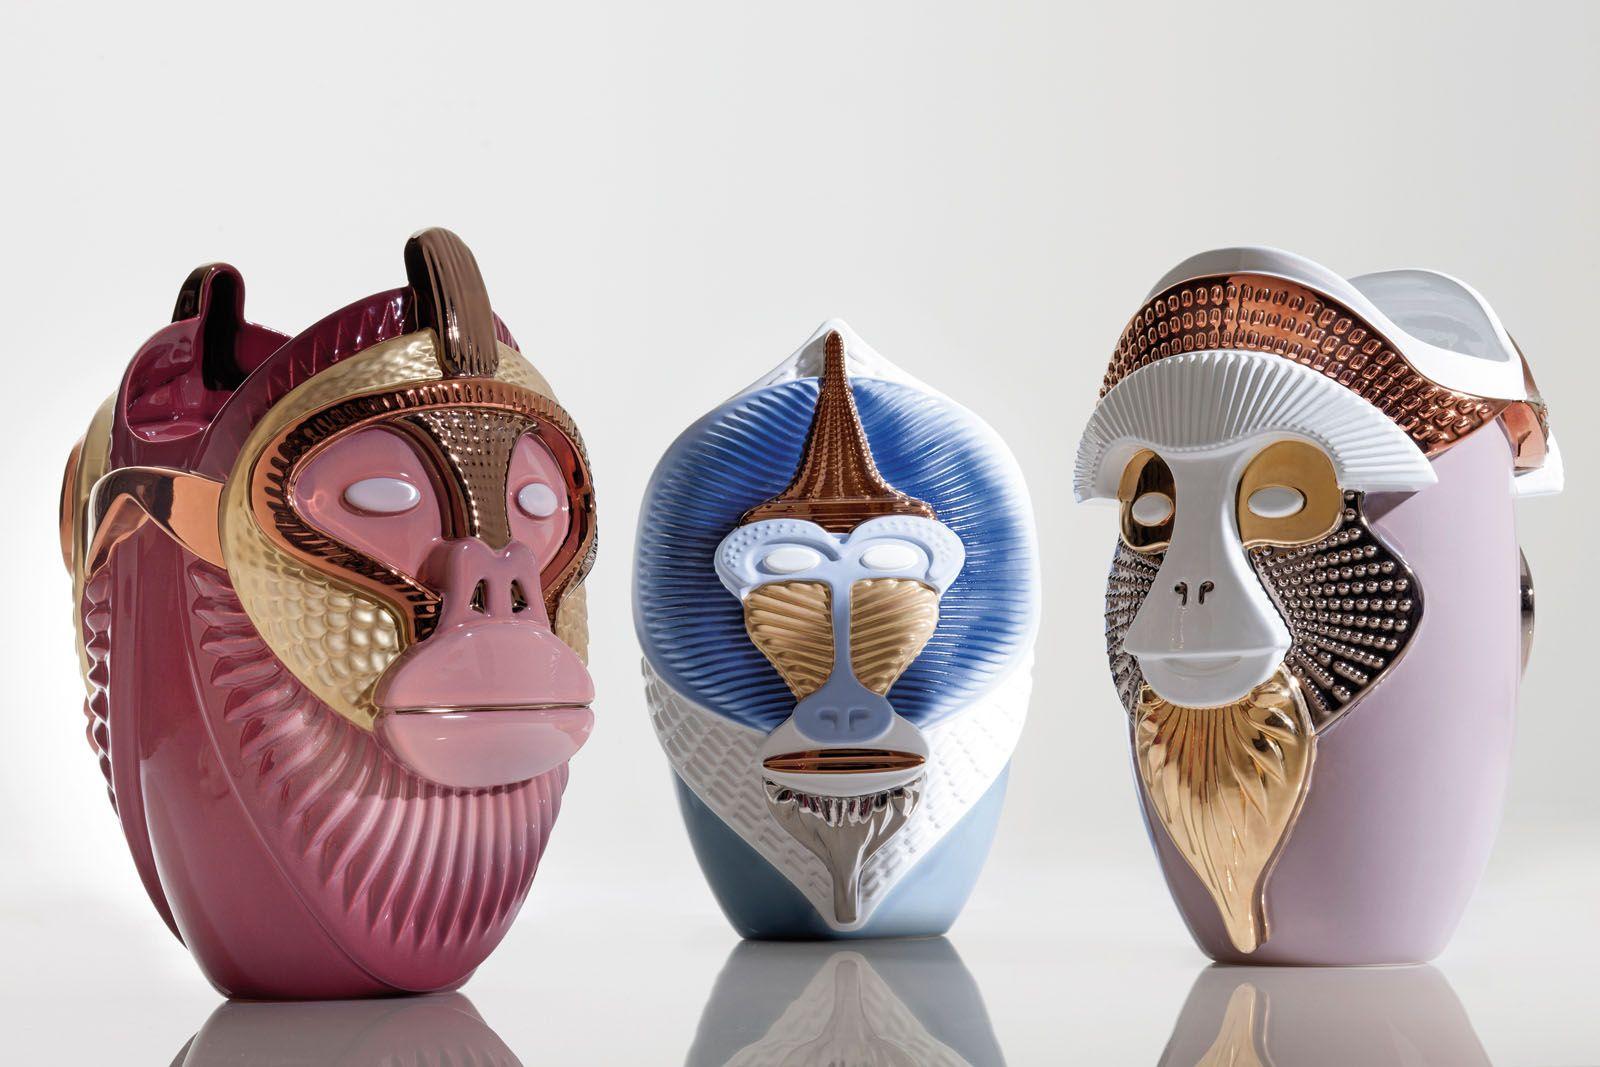 Italian Designer Elena Salmistraro Shares How She Turned Her Passion For Ceramics Into A Career